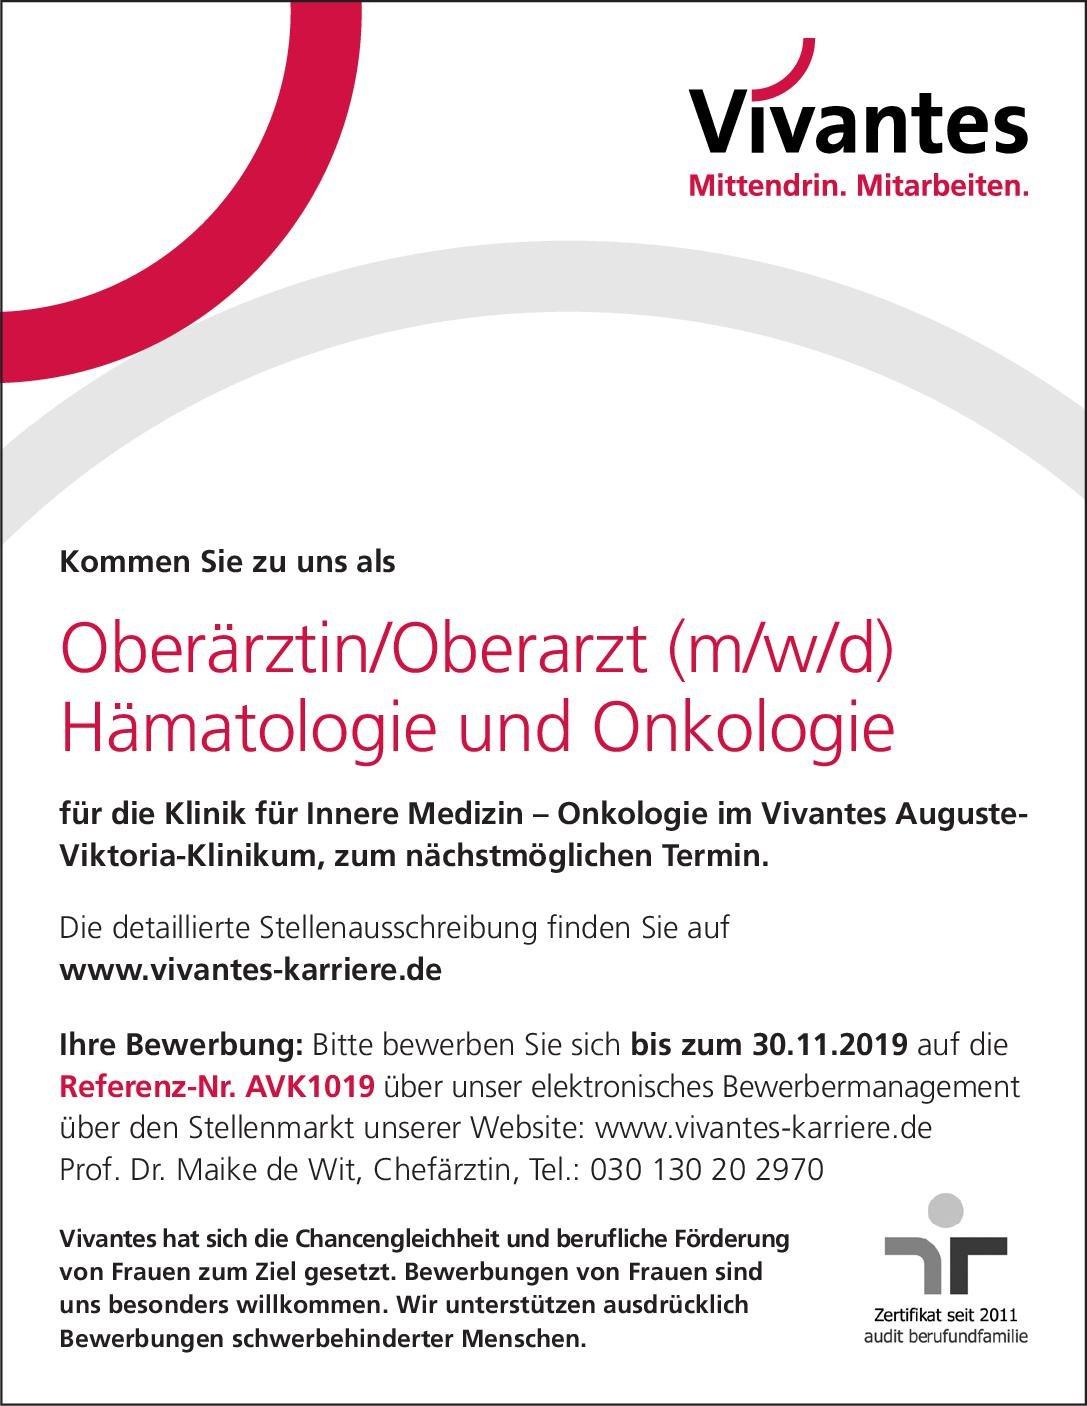 Vivantes Auguste-Viktoria-Klinikum Oberärztin/Oberarzt (m/w/d) Hämatologie  Innere Medizin und Hämatologie und Onkologie, Innere Medizin Oberarzt